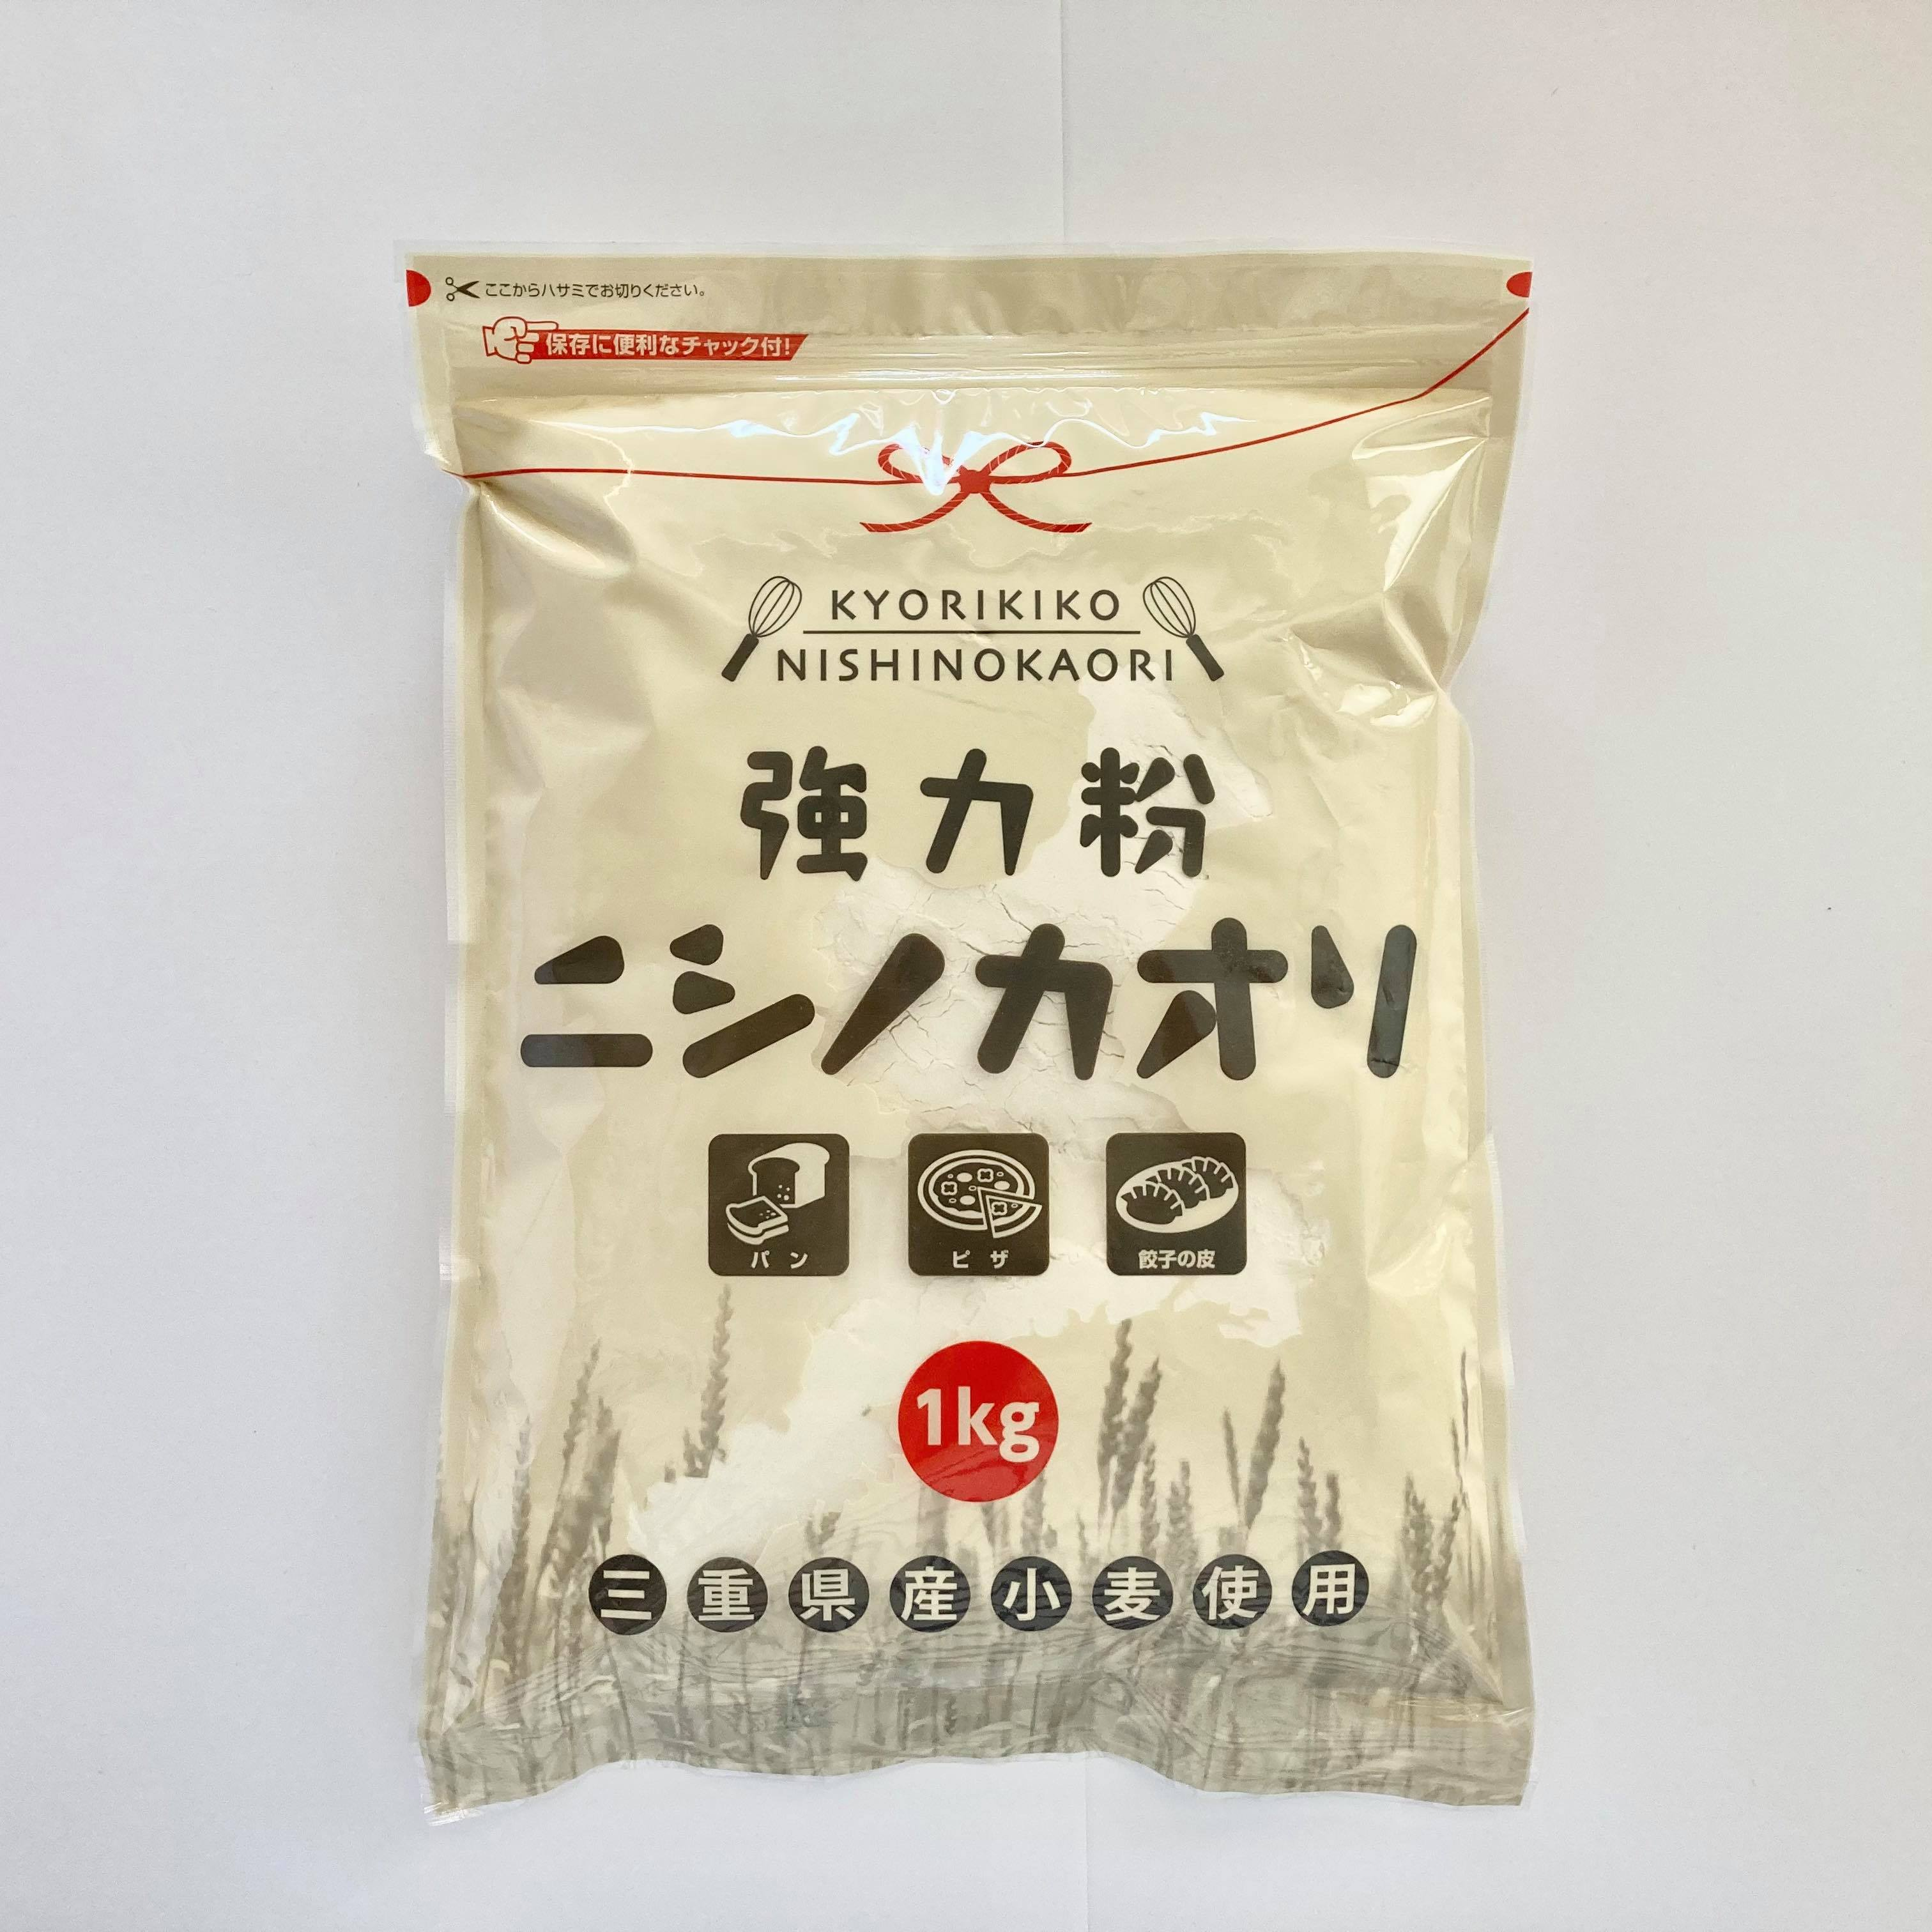 三重県産強力粉 ニシノカオリ